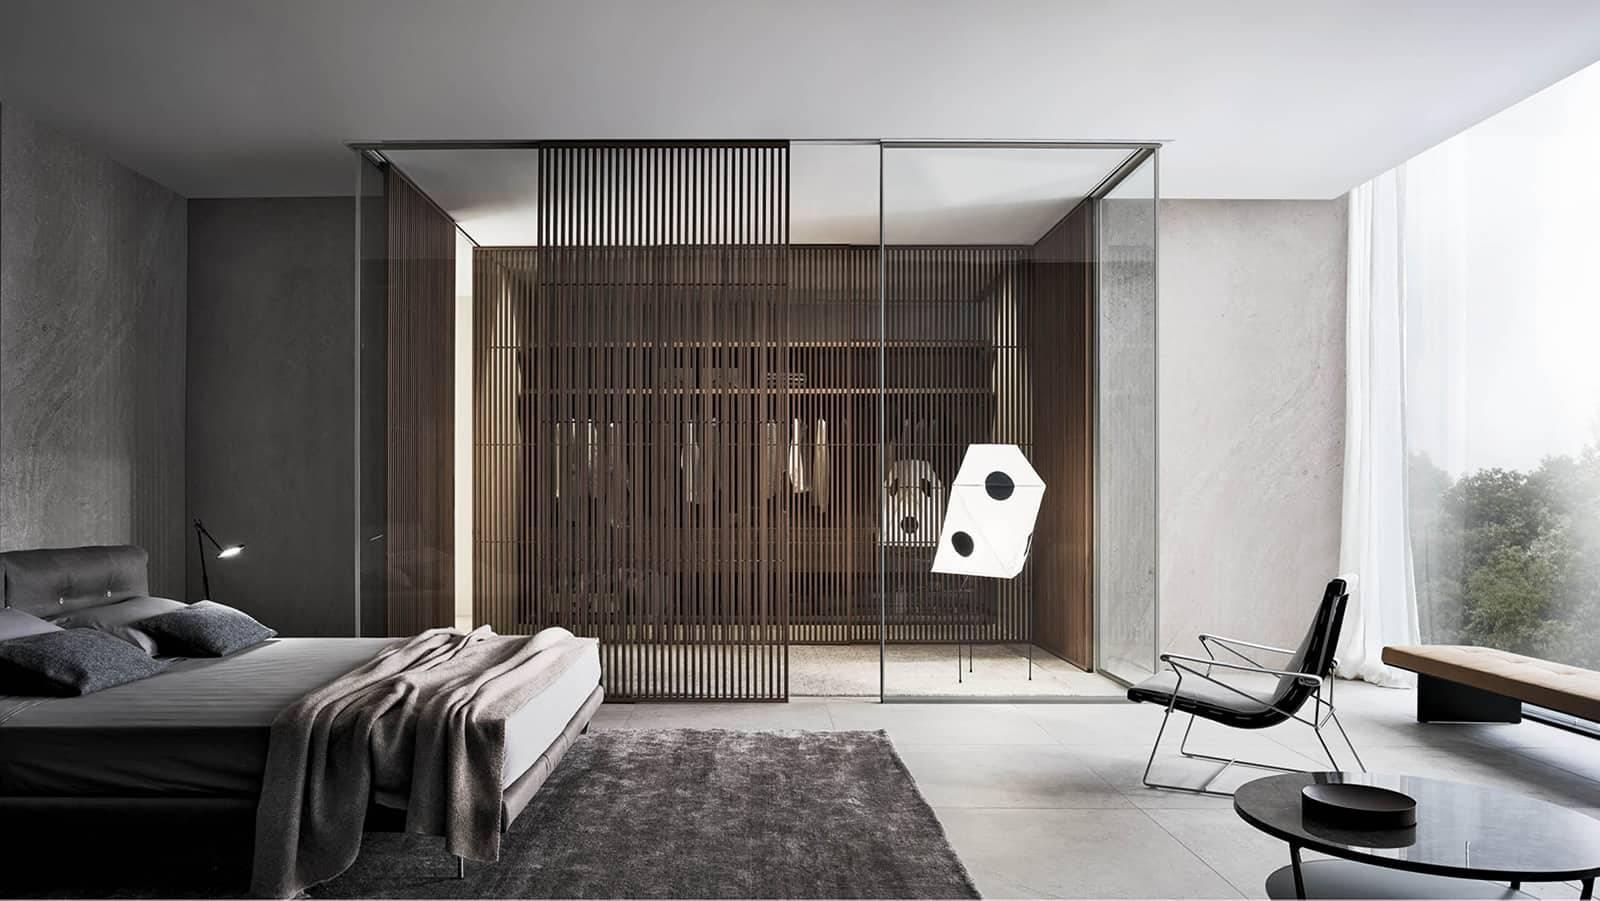 design glazen akoestische wanden met schuifdeur met verticale houten profielen rimadesio spazio